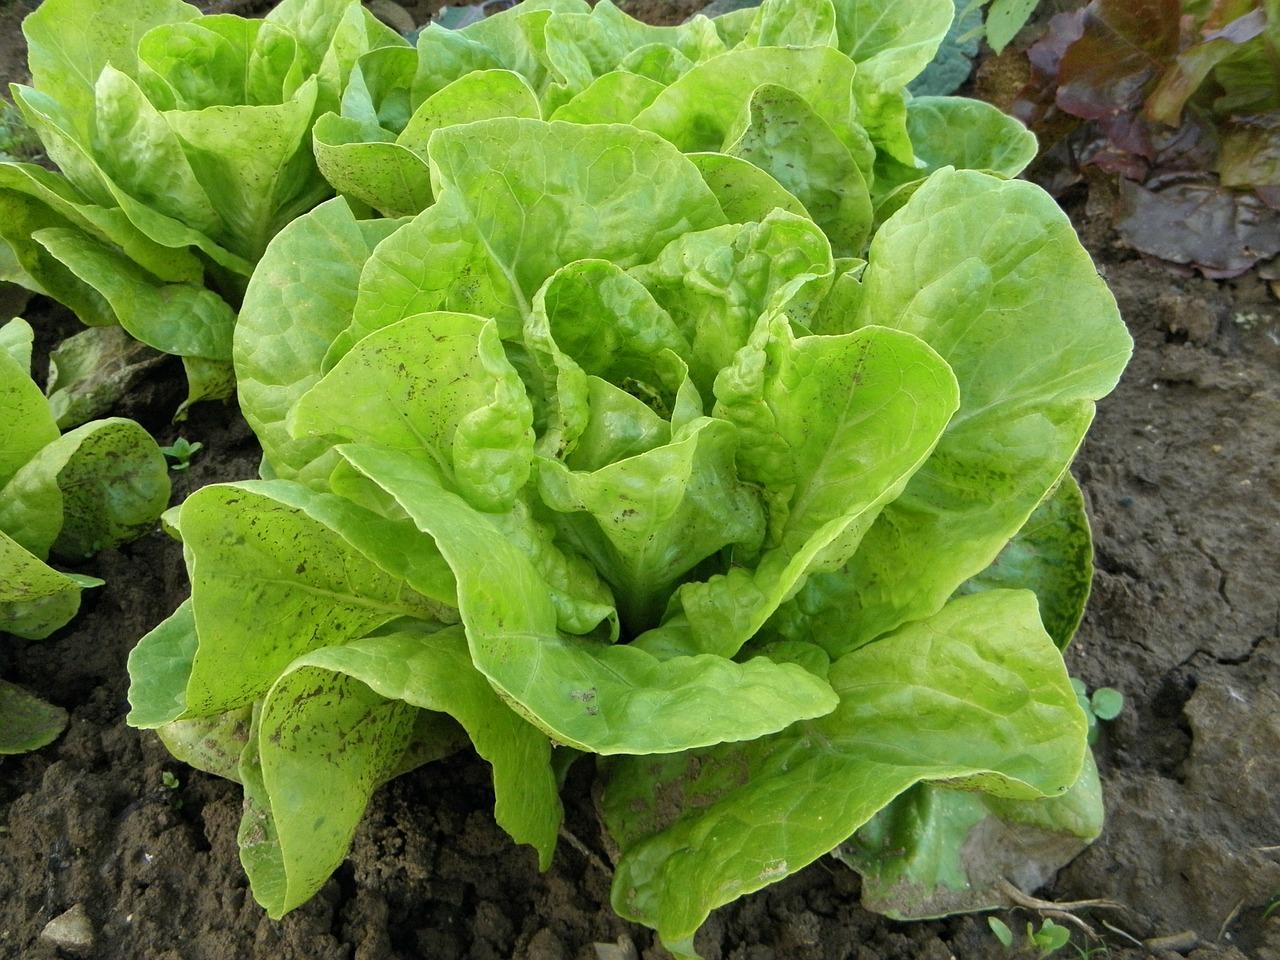 lettuce-176840_1280